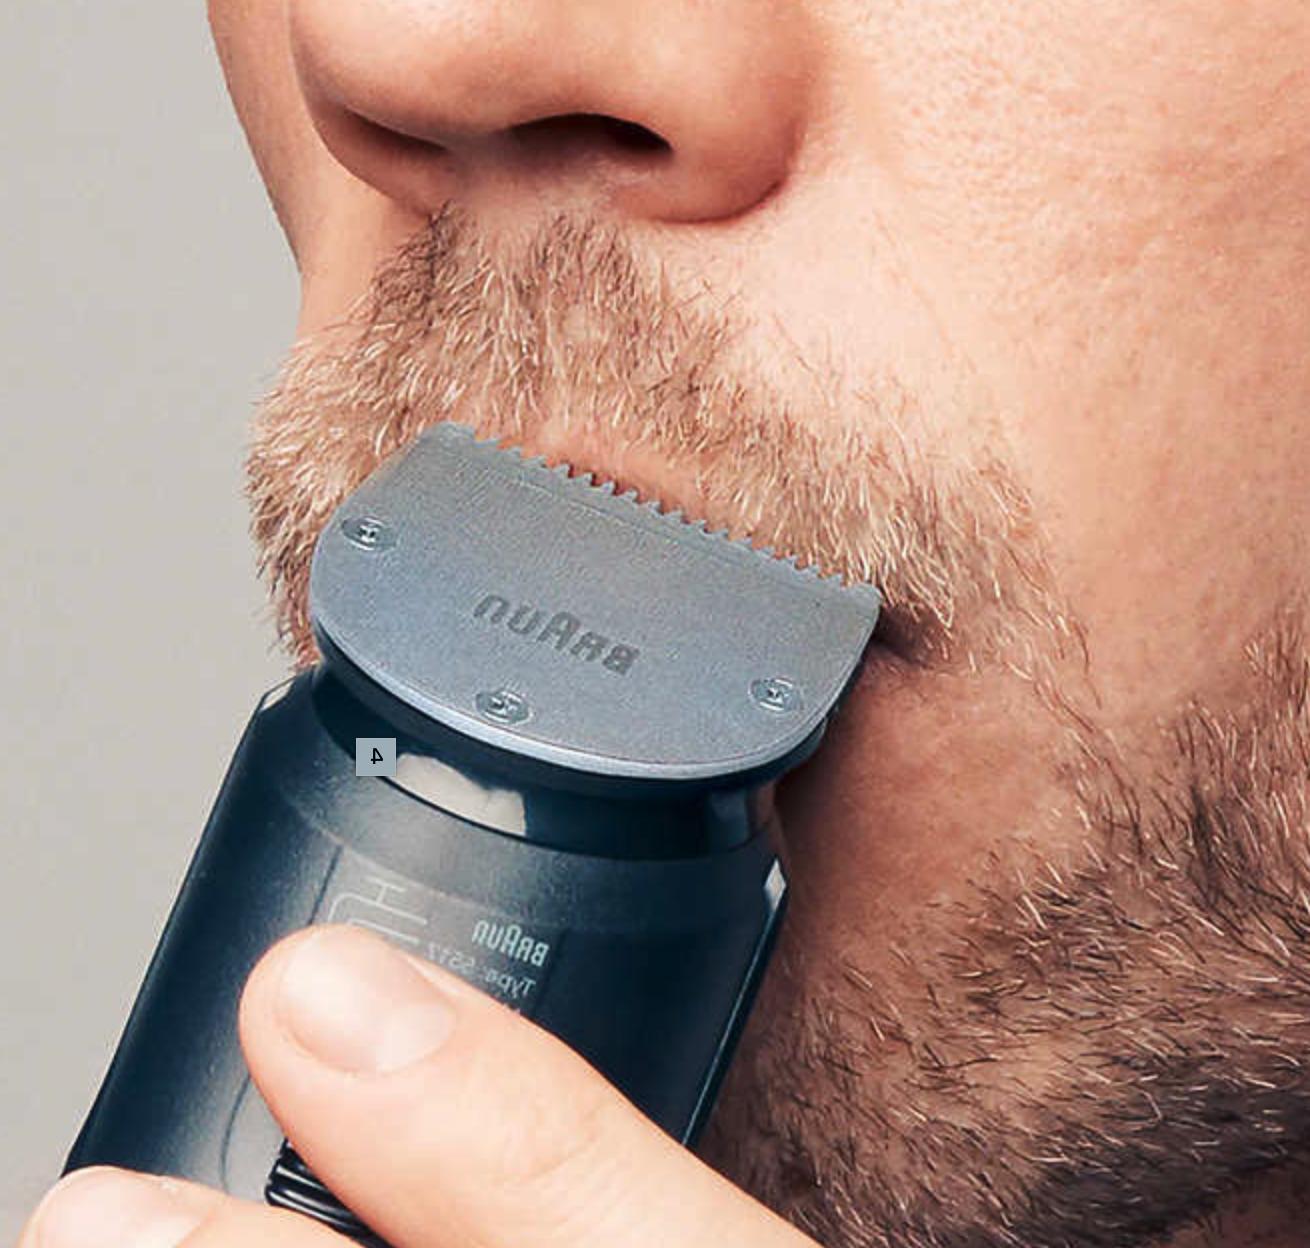 Hair Beard Trimmer for Body Grooming Kit